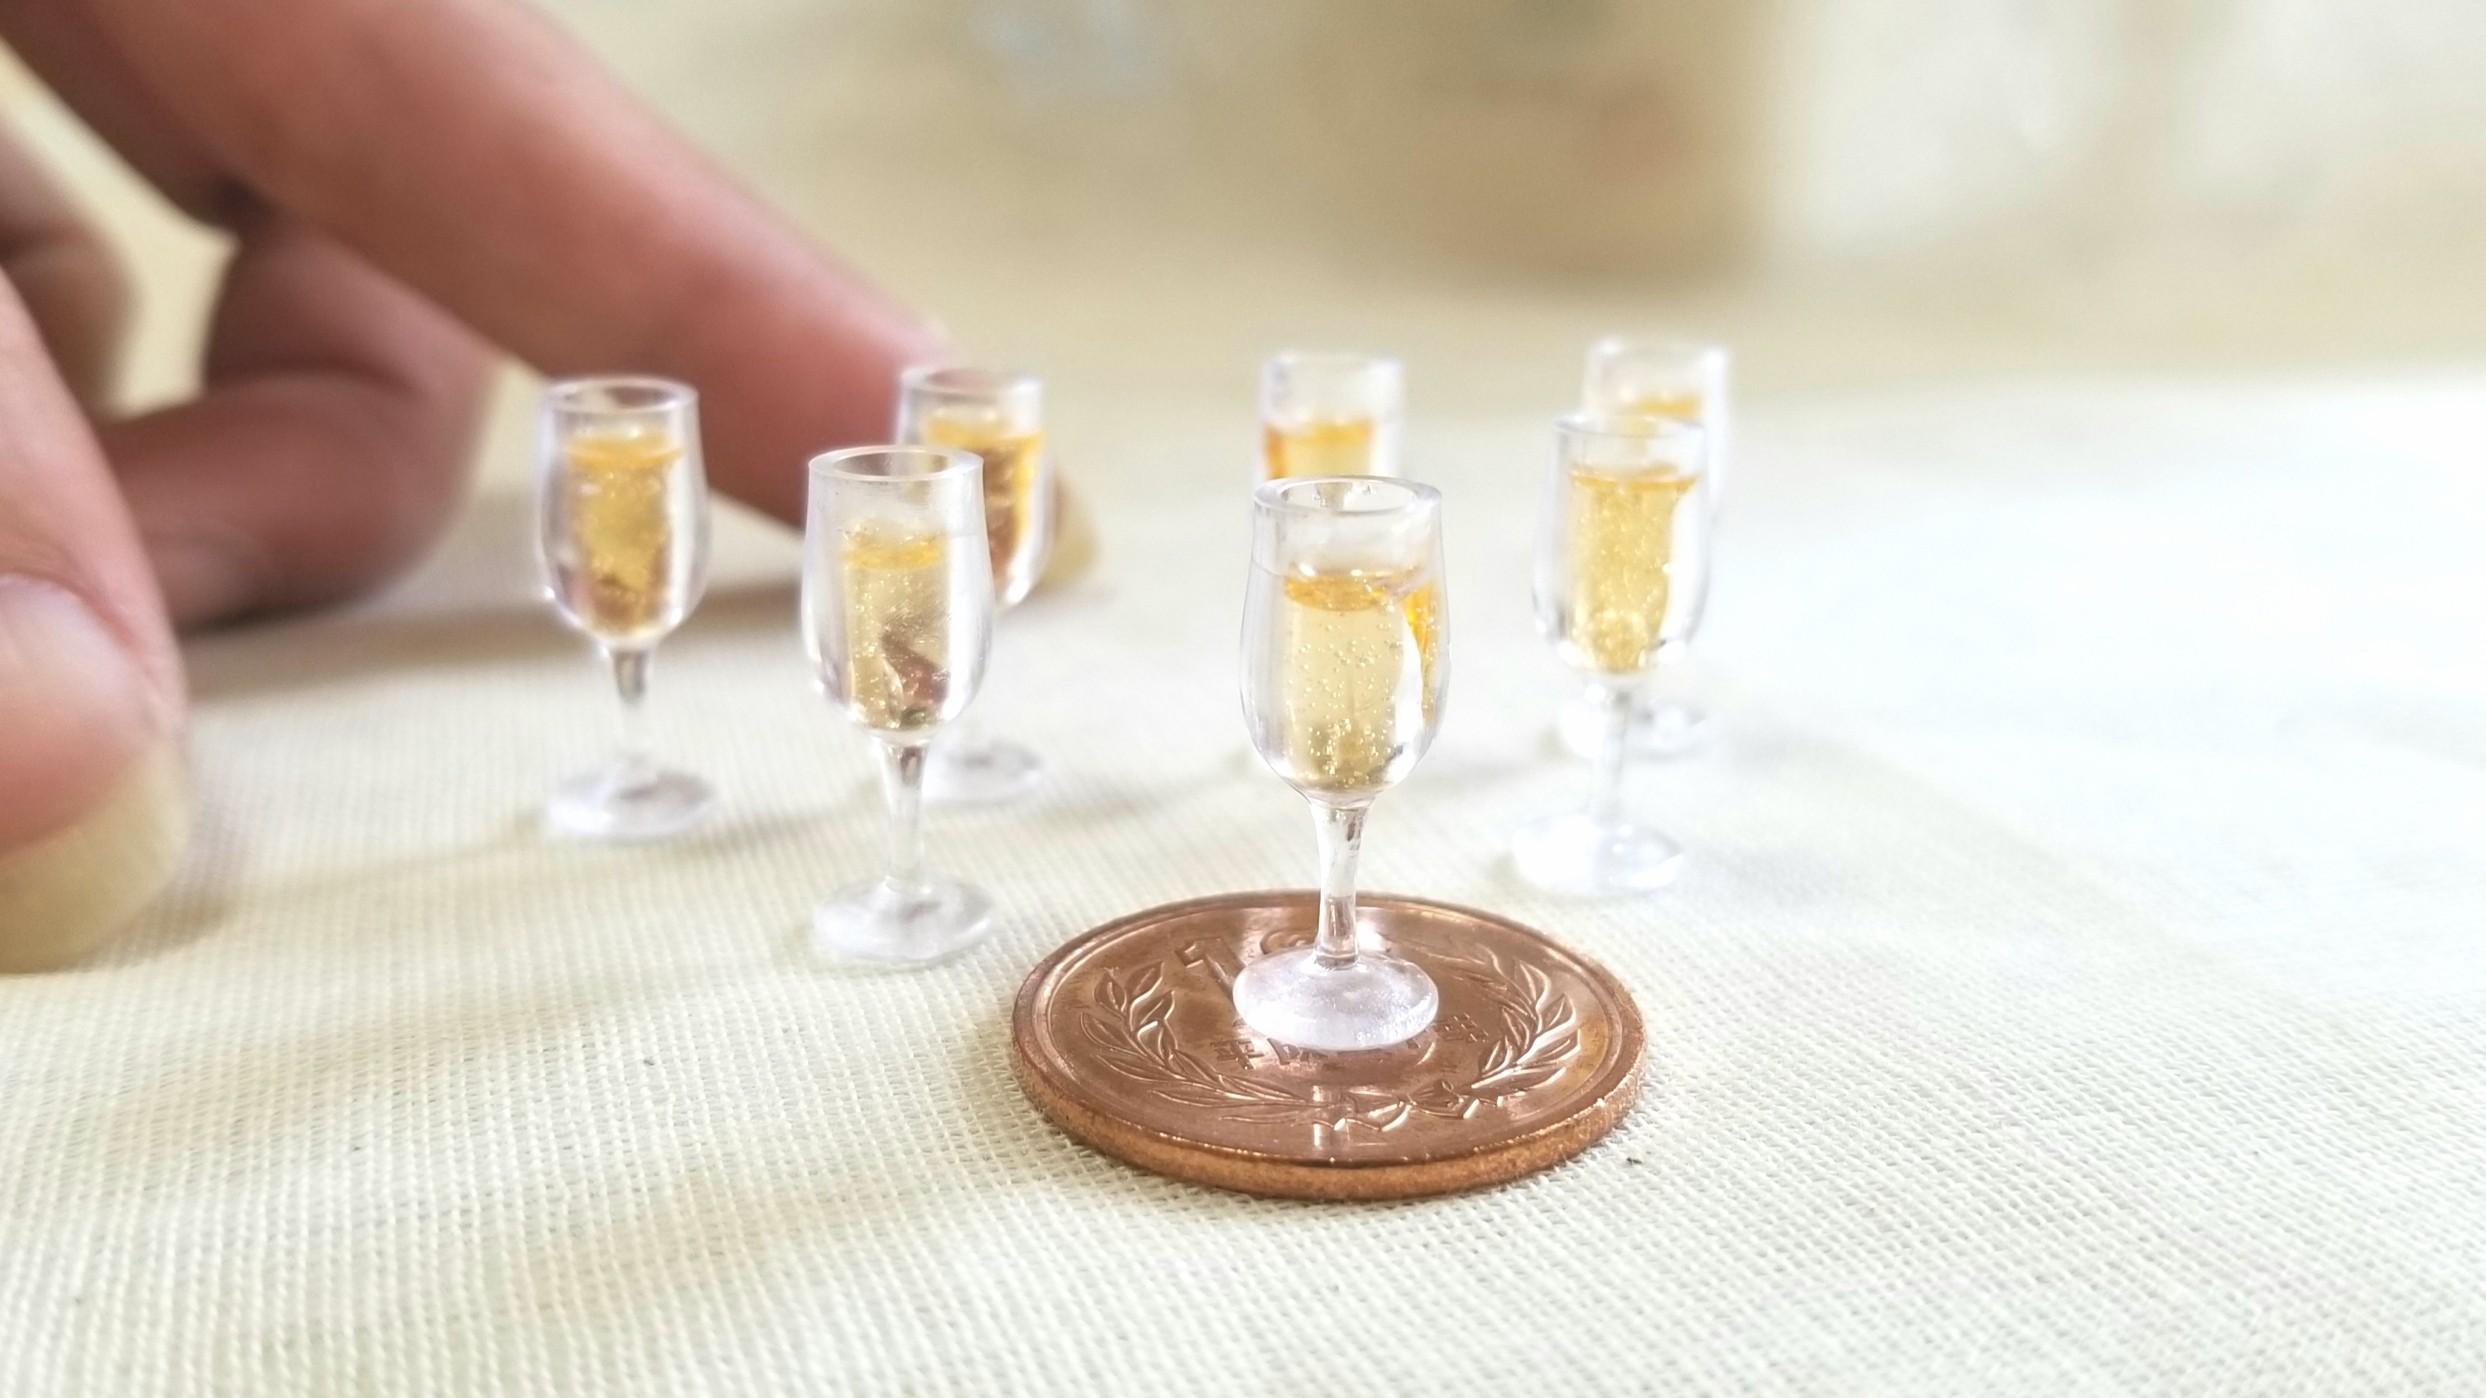 レジンアートミニチュアフード飲み物ドリンクシャンパンワイン販売